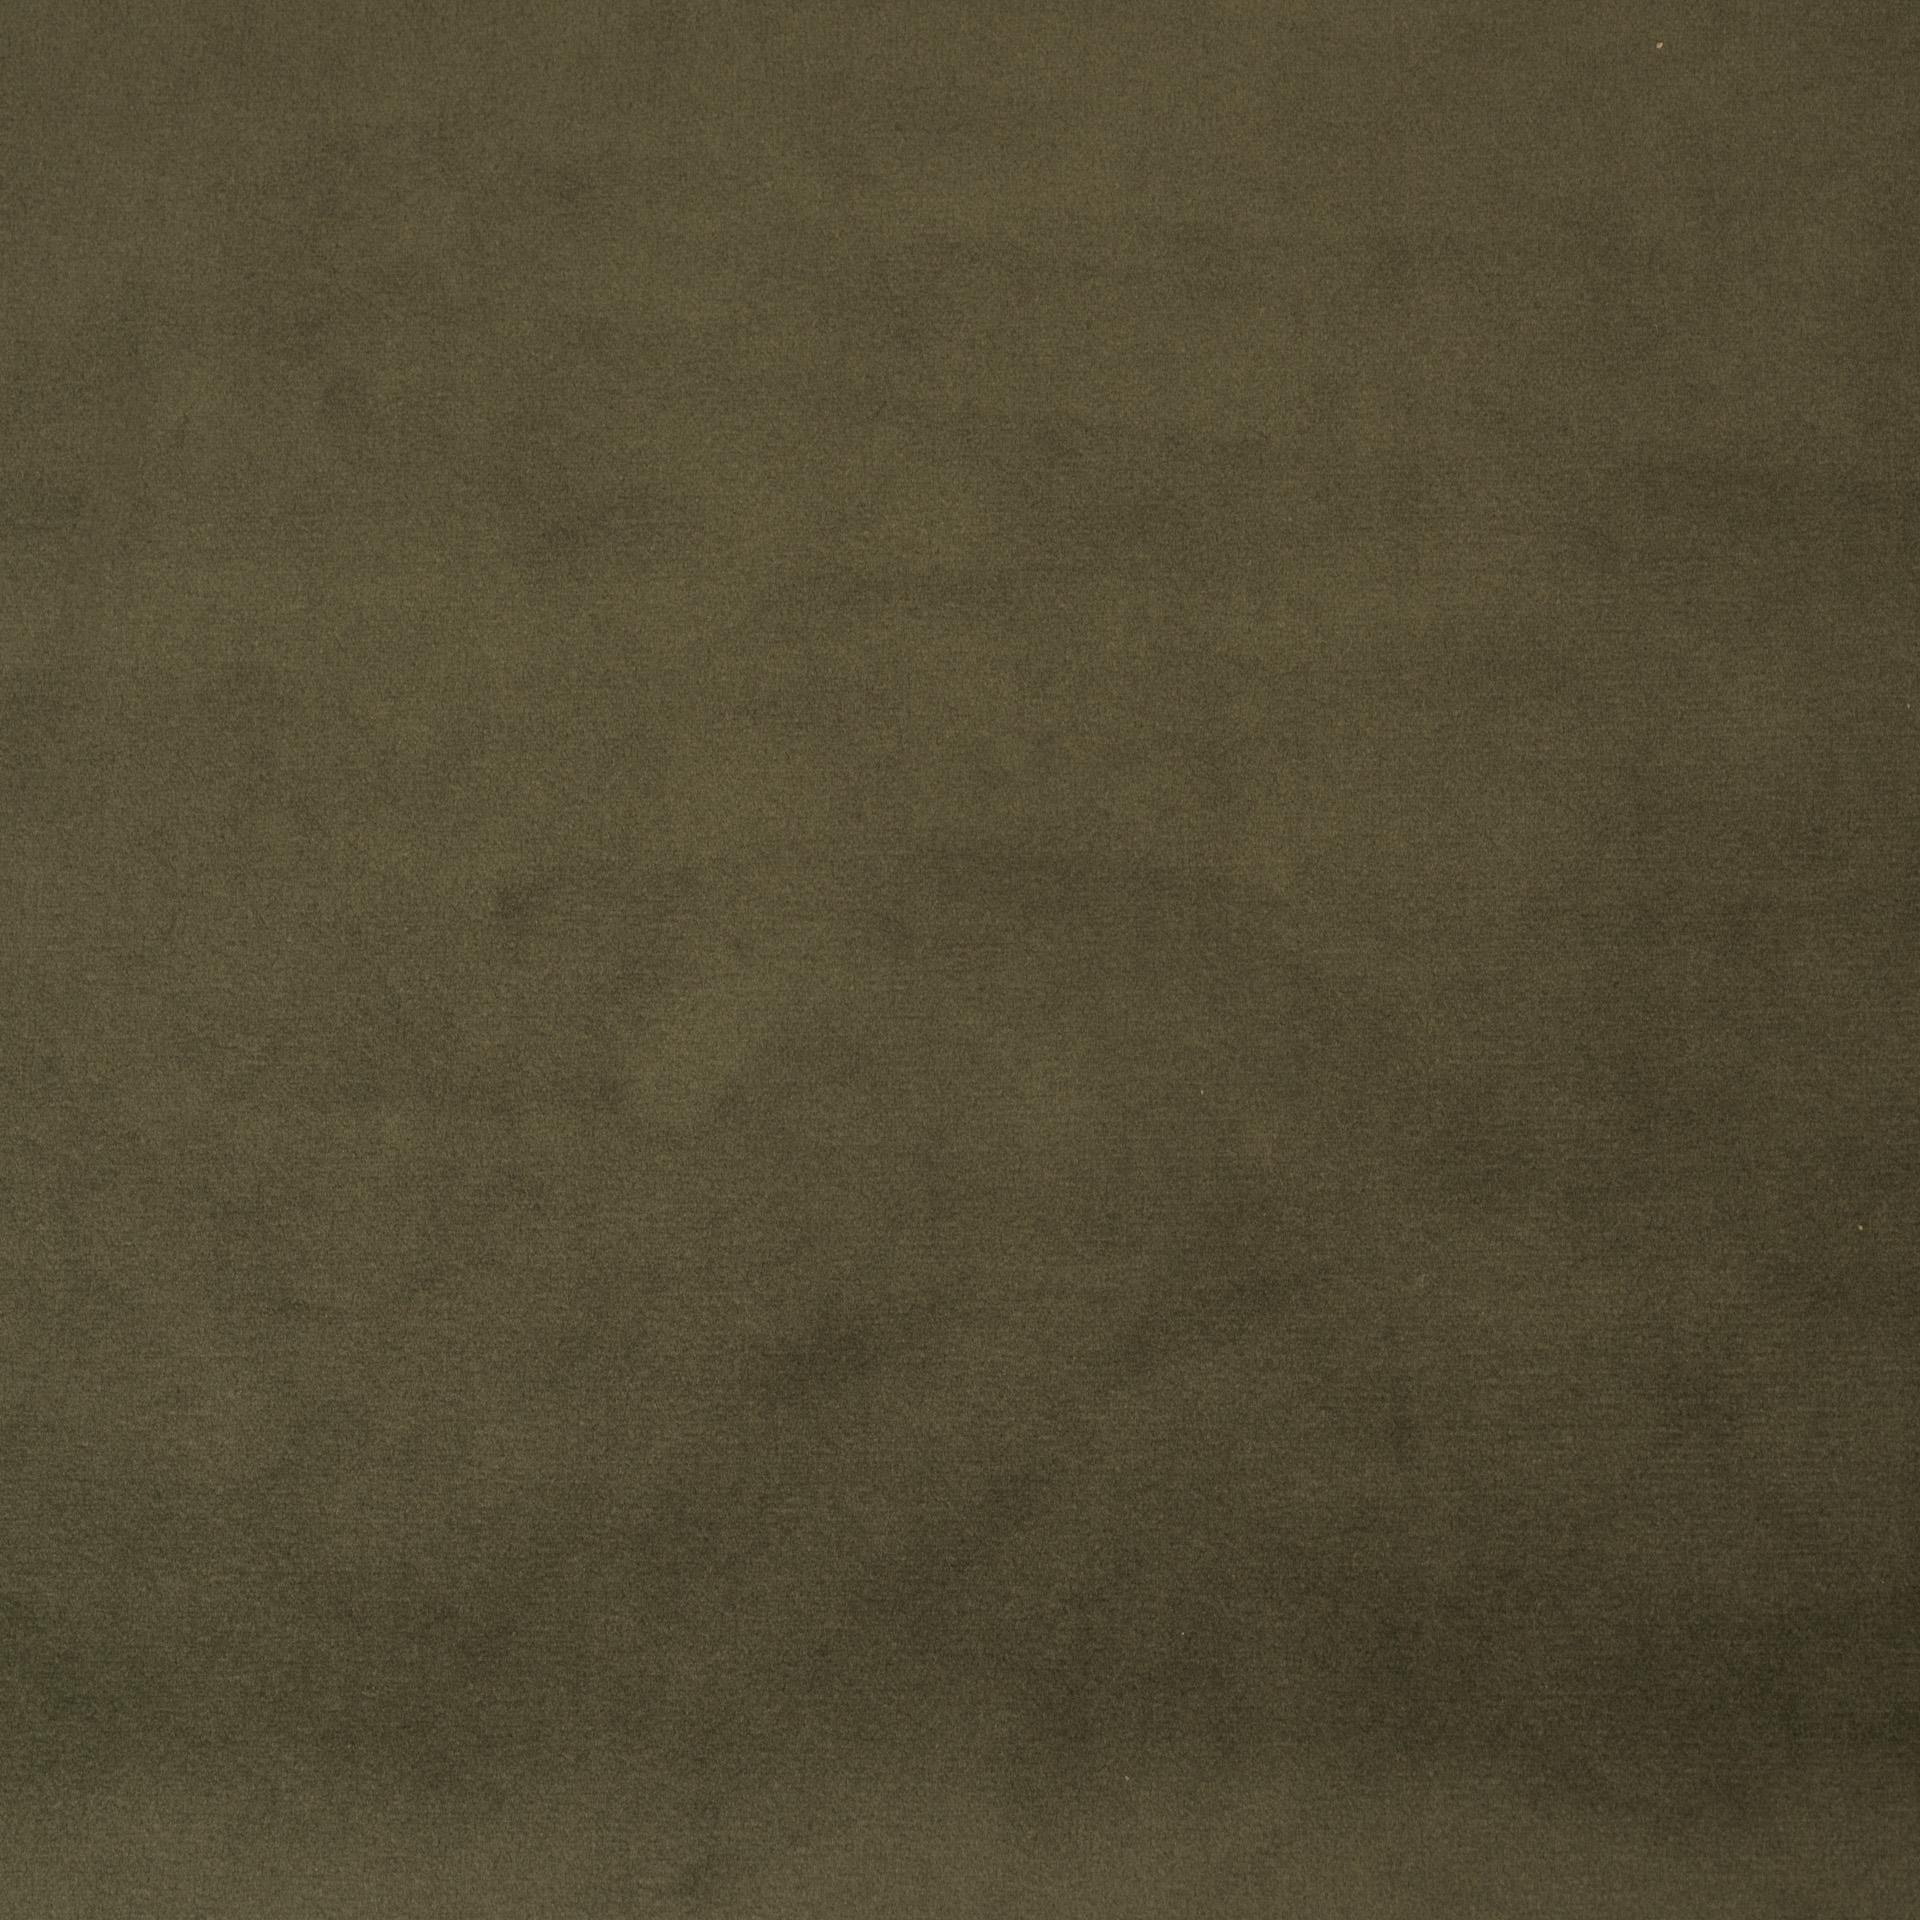 Коллекция ткани Альмира 18 WOOD GREEN,  купить ткань Велюр для мебели Украина